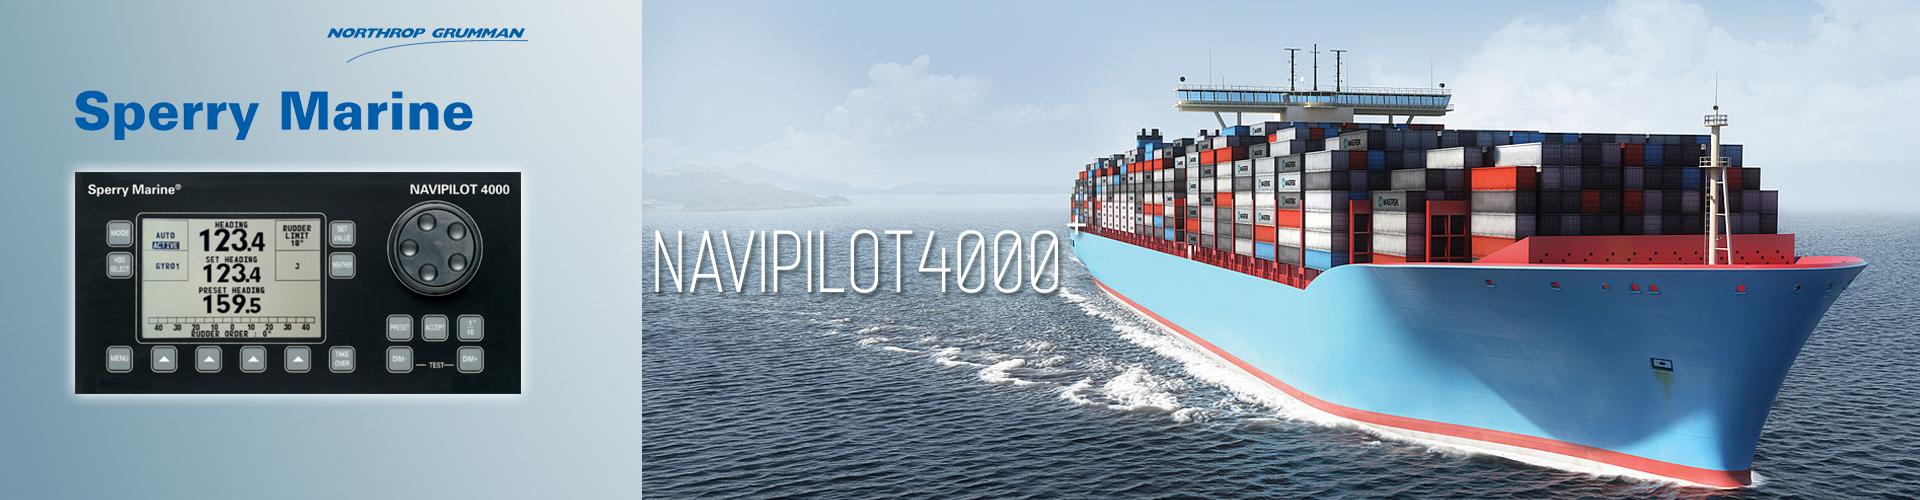 Sperry Marine NAVIPILOT 4000